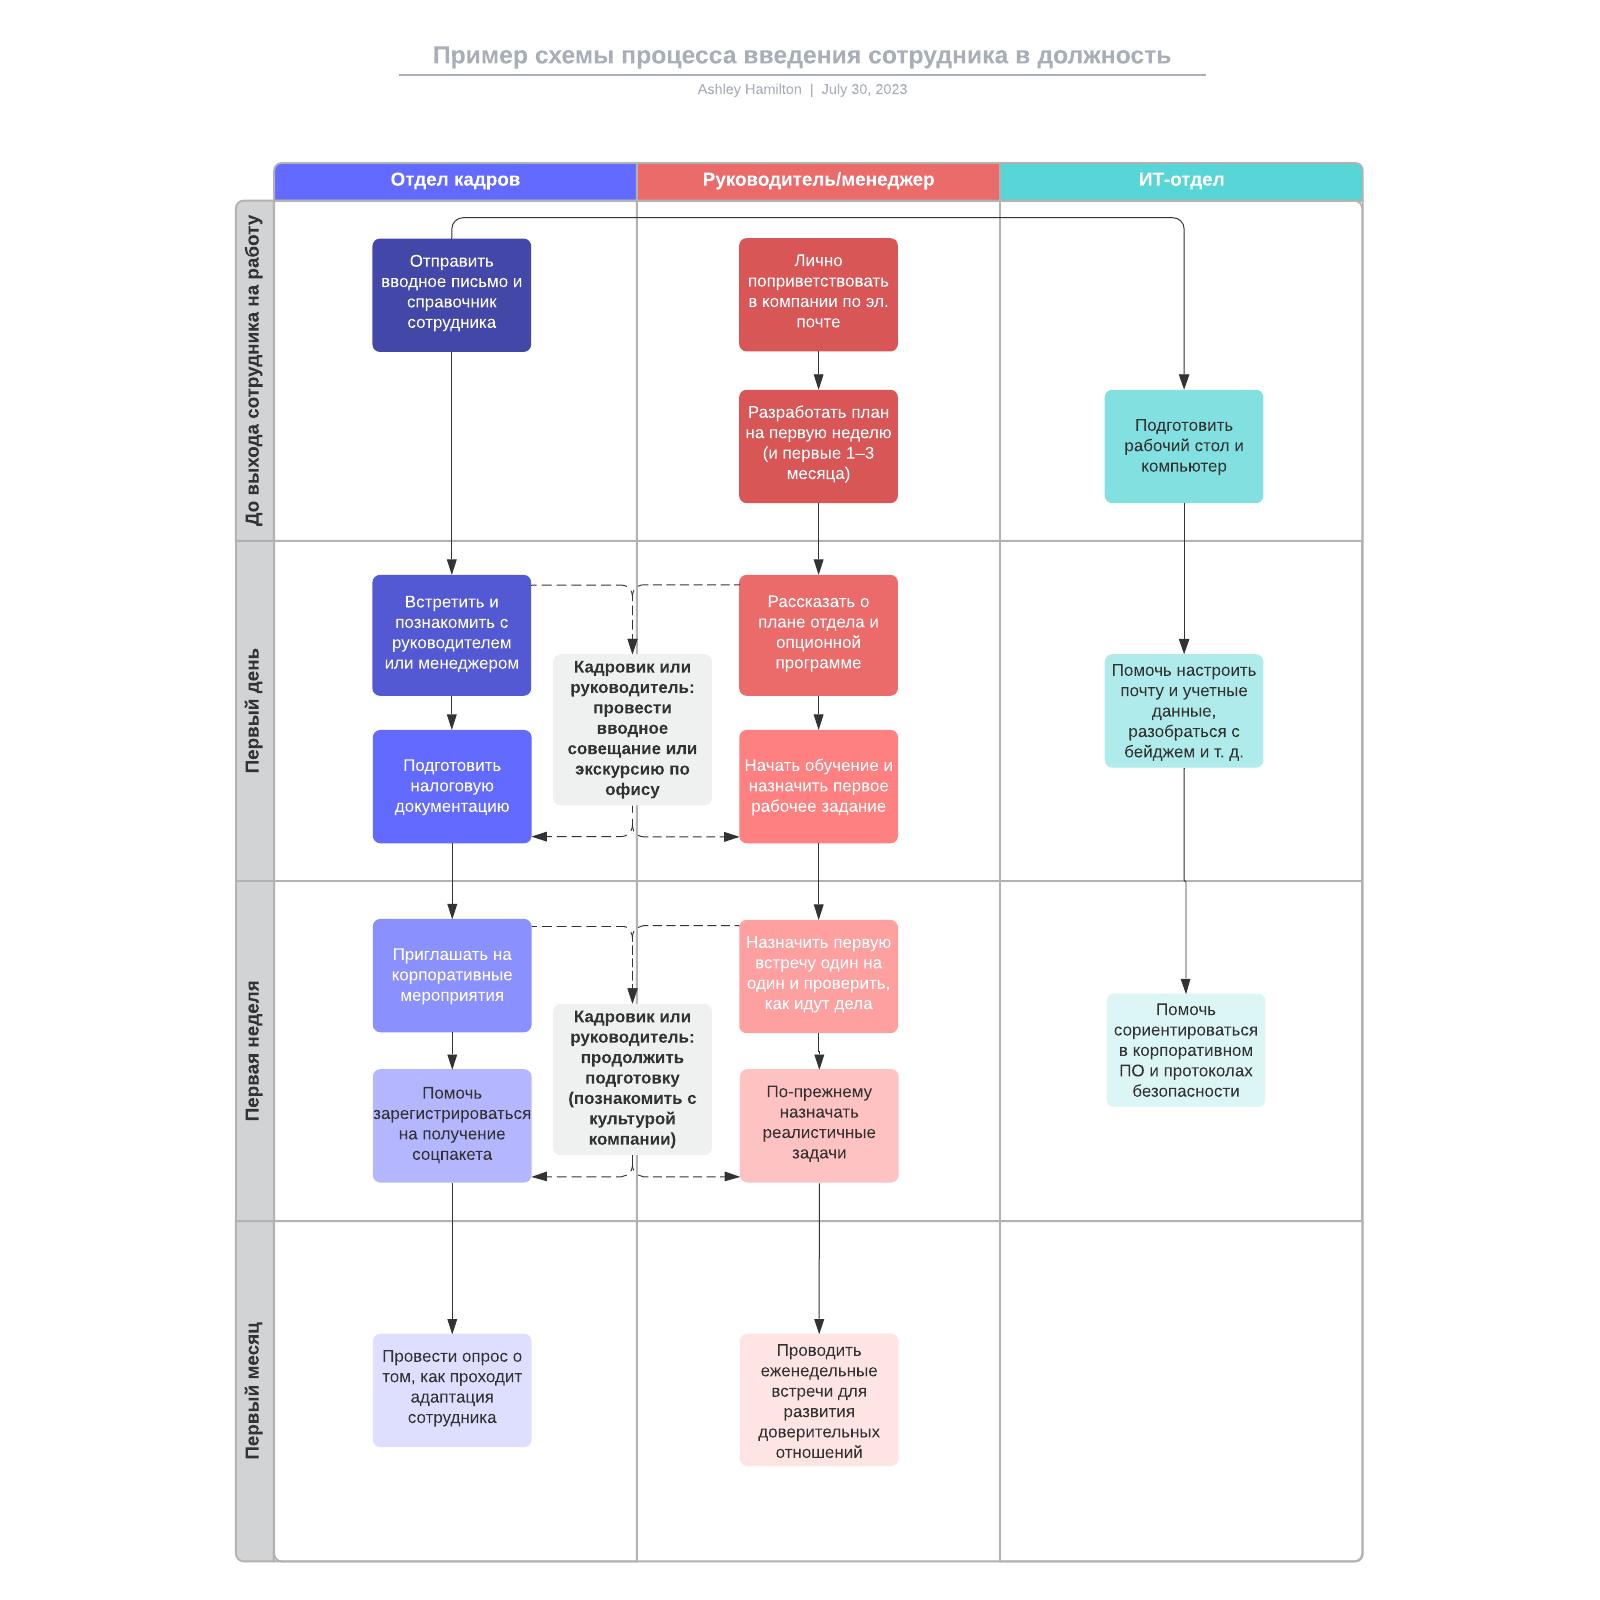 Пример схемы процесса введения сотрудника в должность